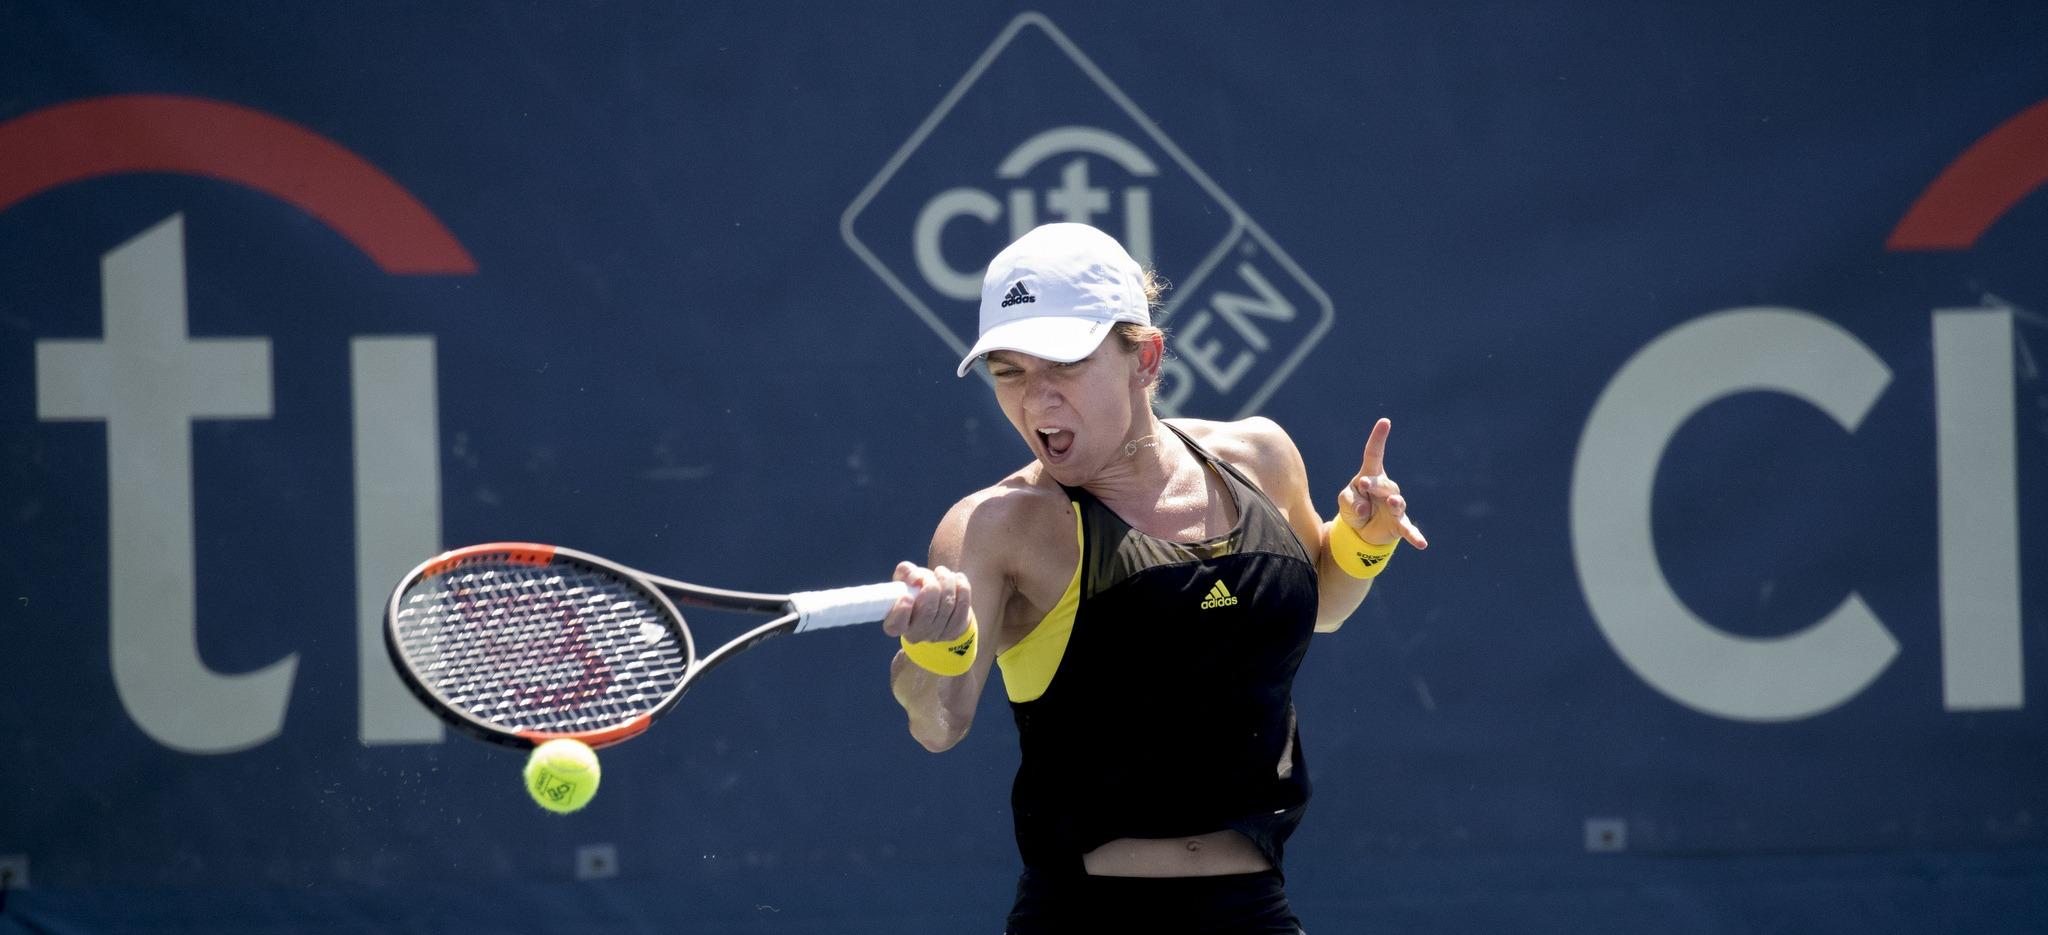 Simona Halep a alergat tot sezonul după locul 1 în clasamentul WTA. Foto: Keith Allison / Flickr